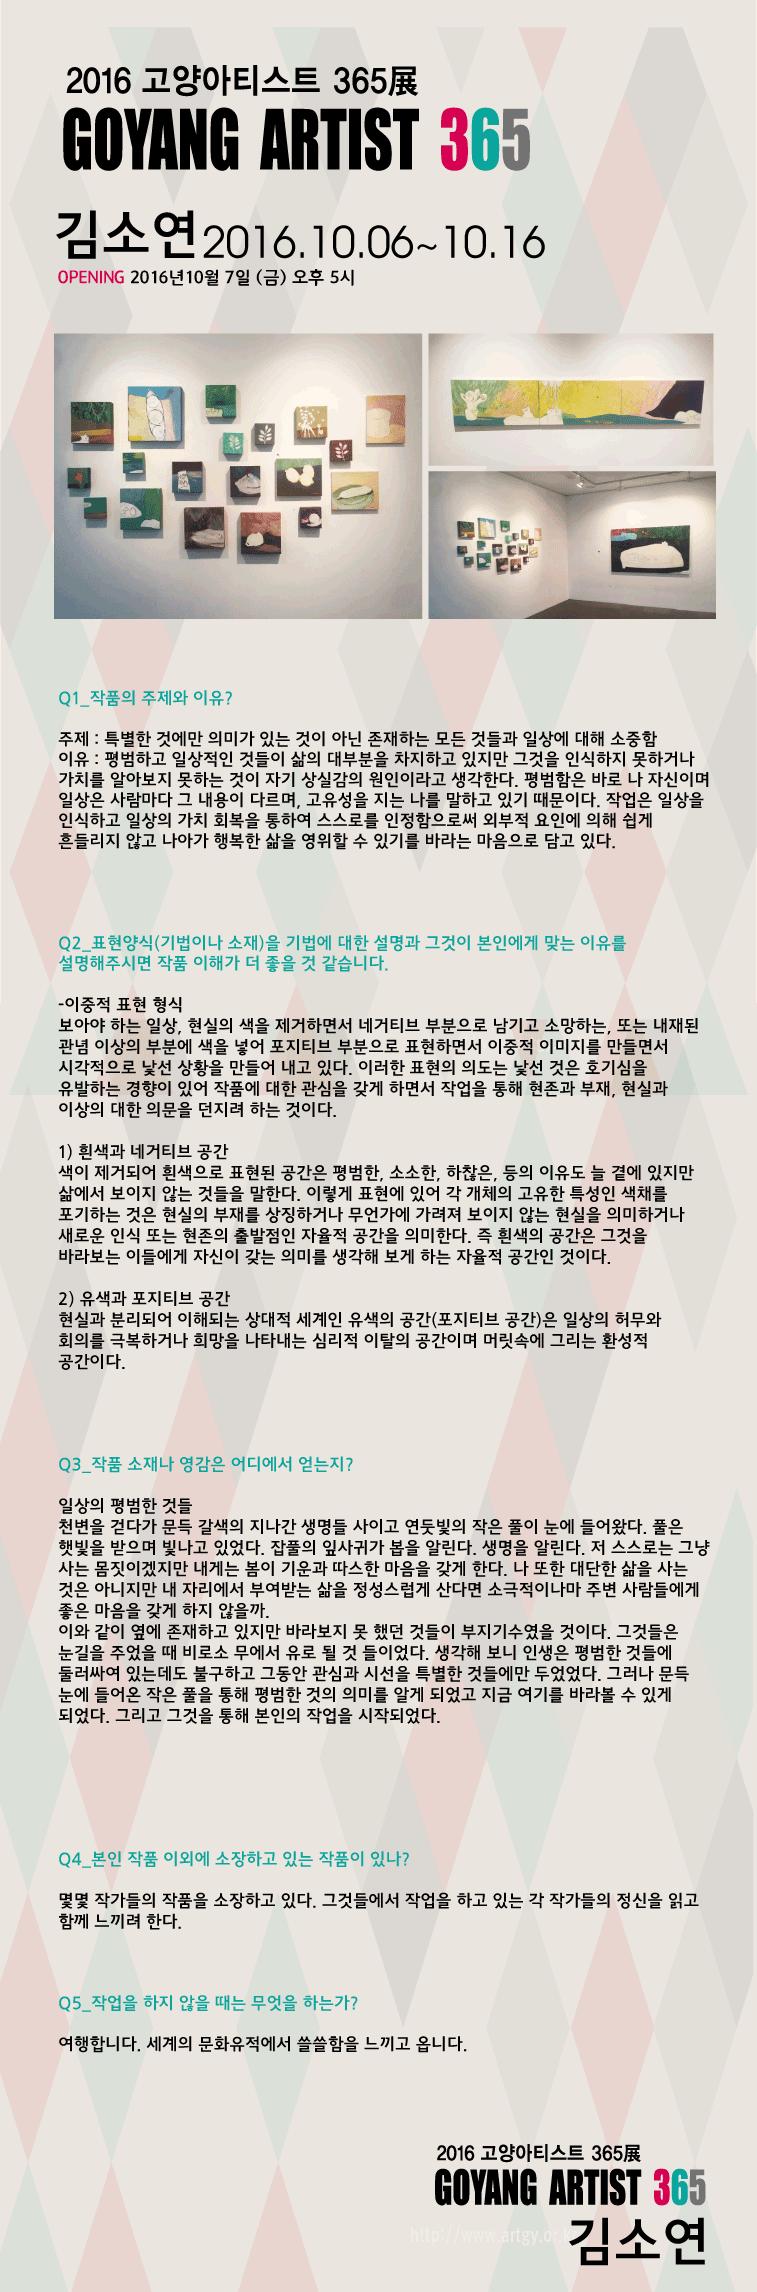 [2016 고양아티스트 365展] 김소연 작가 인터뷰